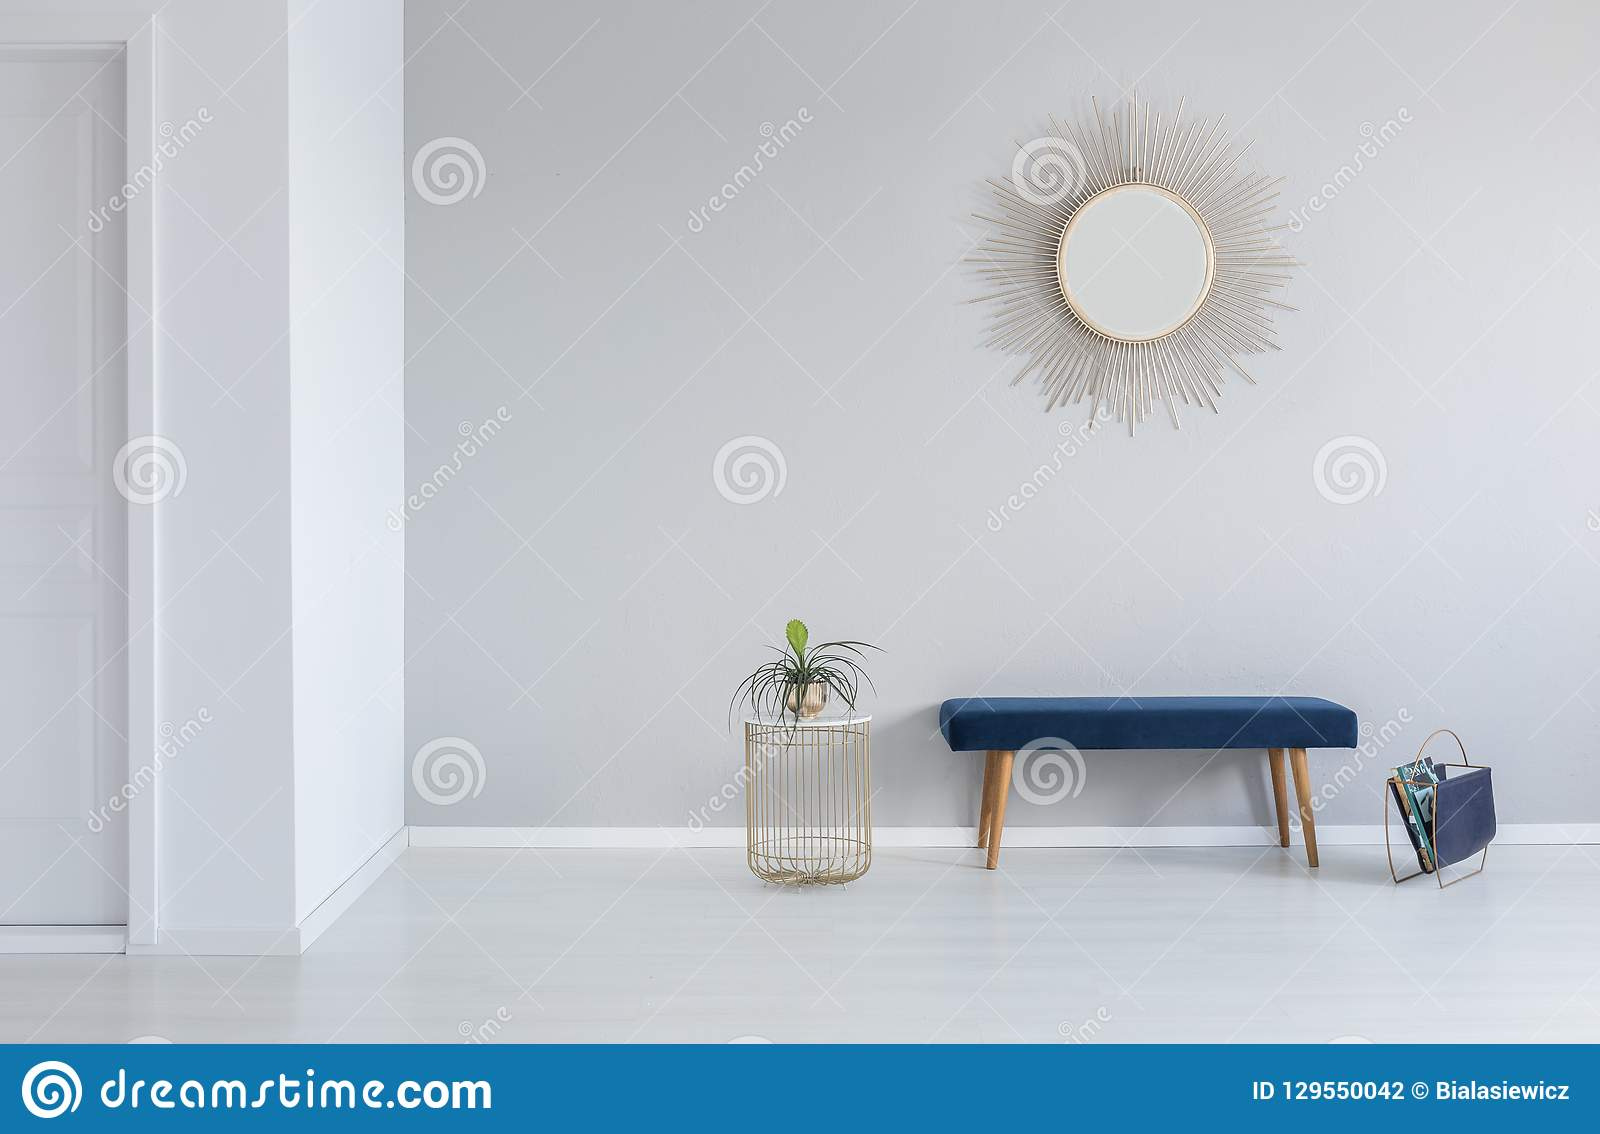 Złota lustro na ścianie nad błękitna ławka w minimalnym pustym wejściowej sali wnętrzu z rośliną